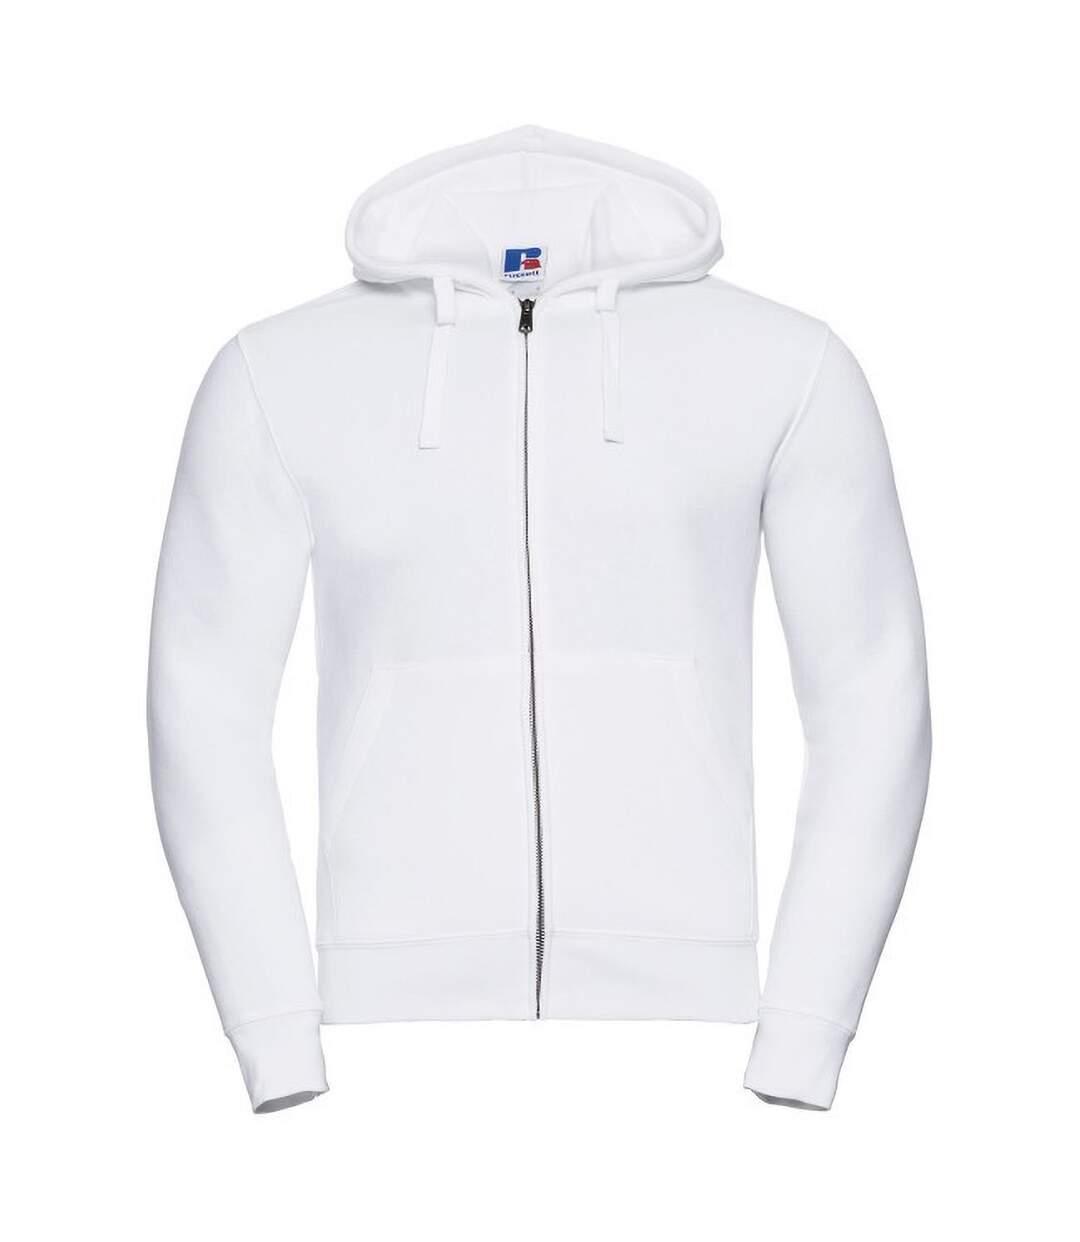 Russell Mens Authentic Full Zip Hooded Sweatshirt / Hoodie (White) - UTBC1499